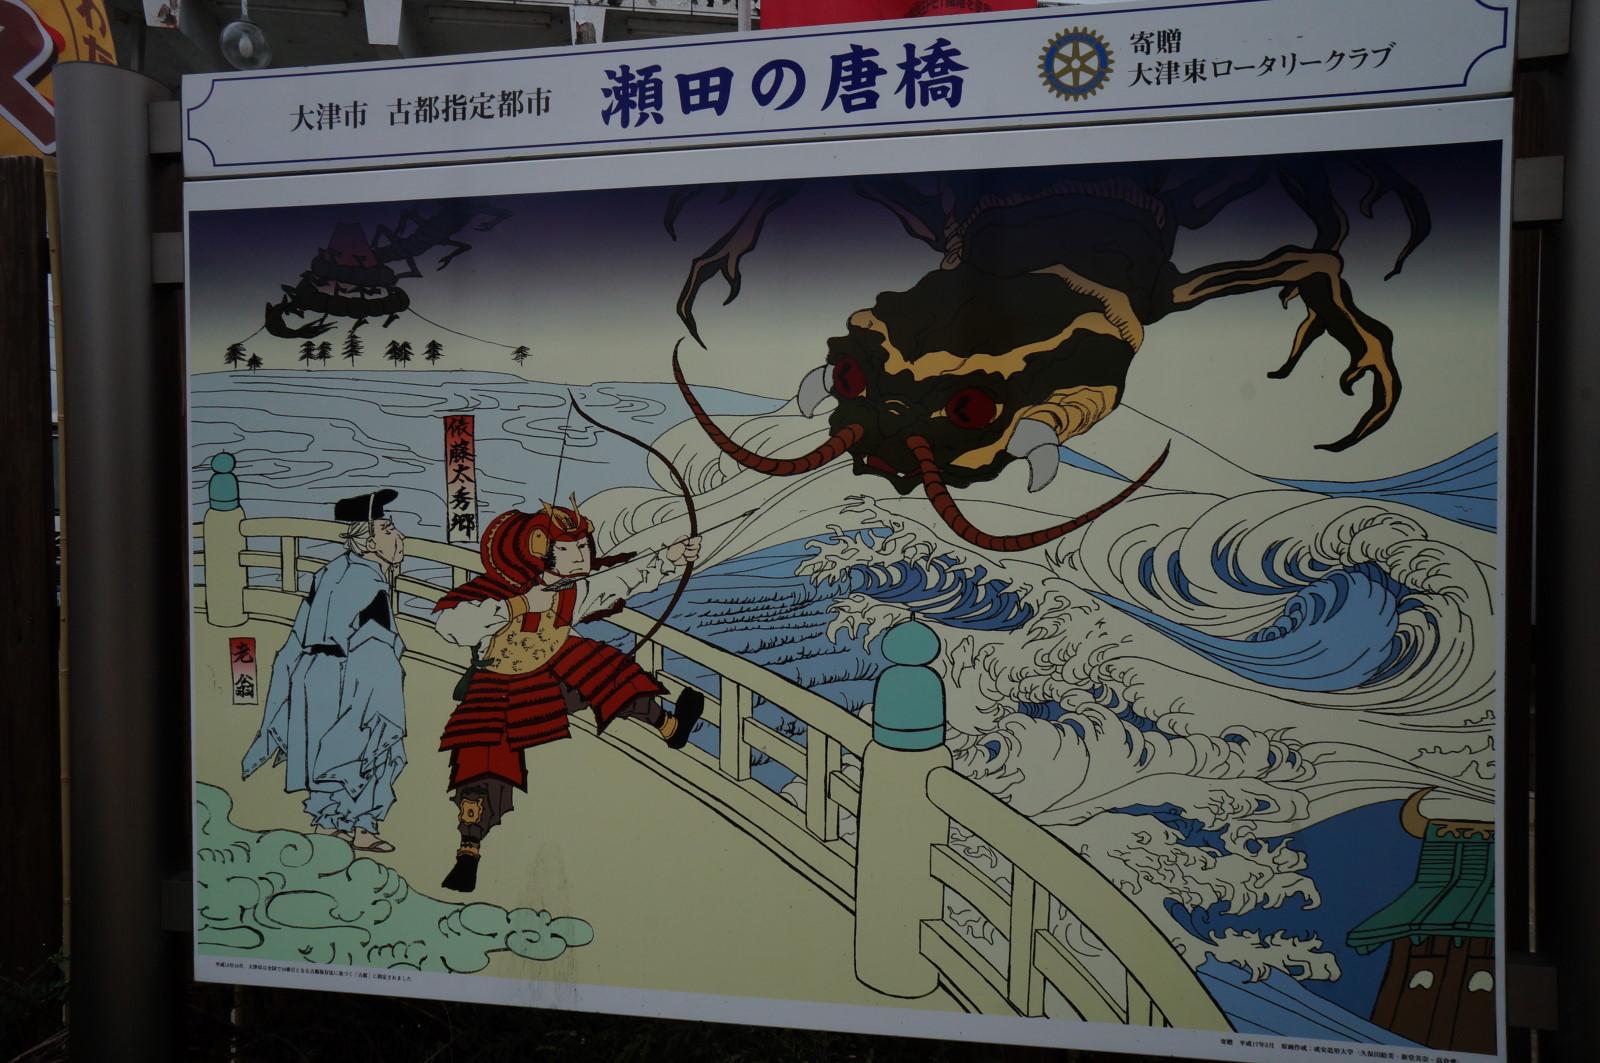 滋賀県瀬田の唐橋の「百足退治伝説」